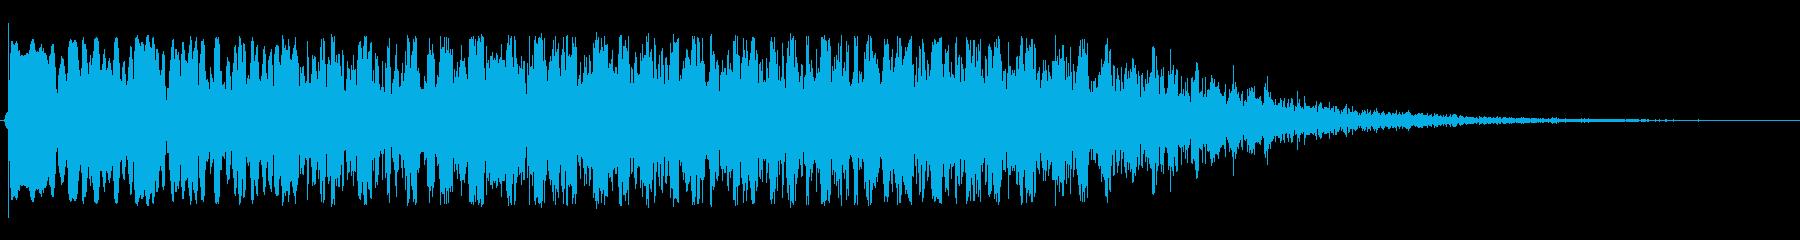 プワワワワ〜ン(かわいい)の再生済みの波形